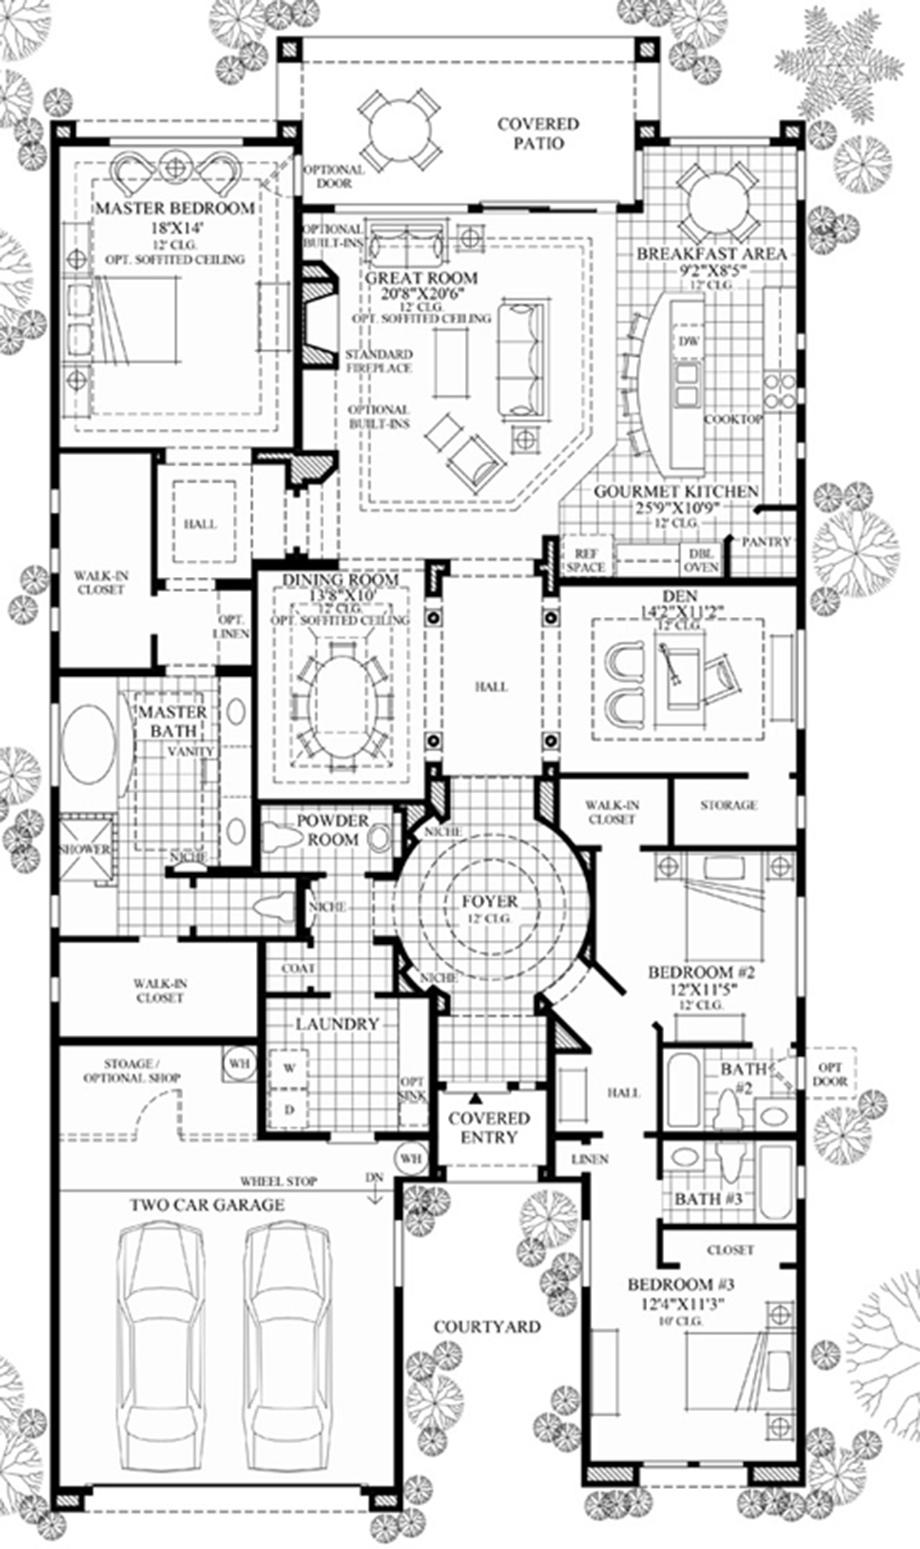 Arizona Home Design Idea Center: Windgate Ranch Scottsdale - Cassia Collection